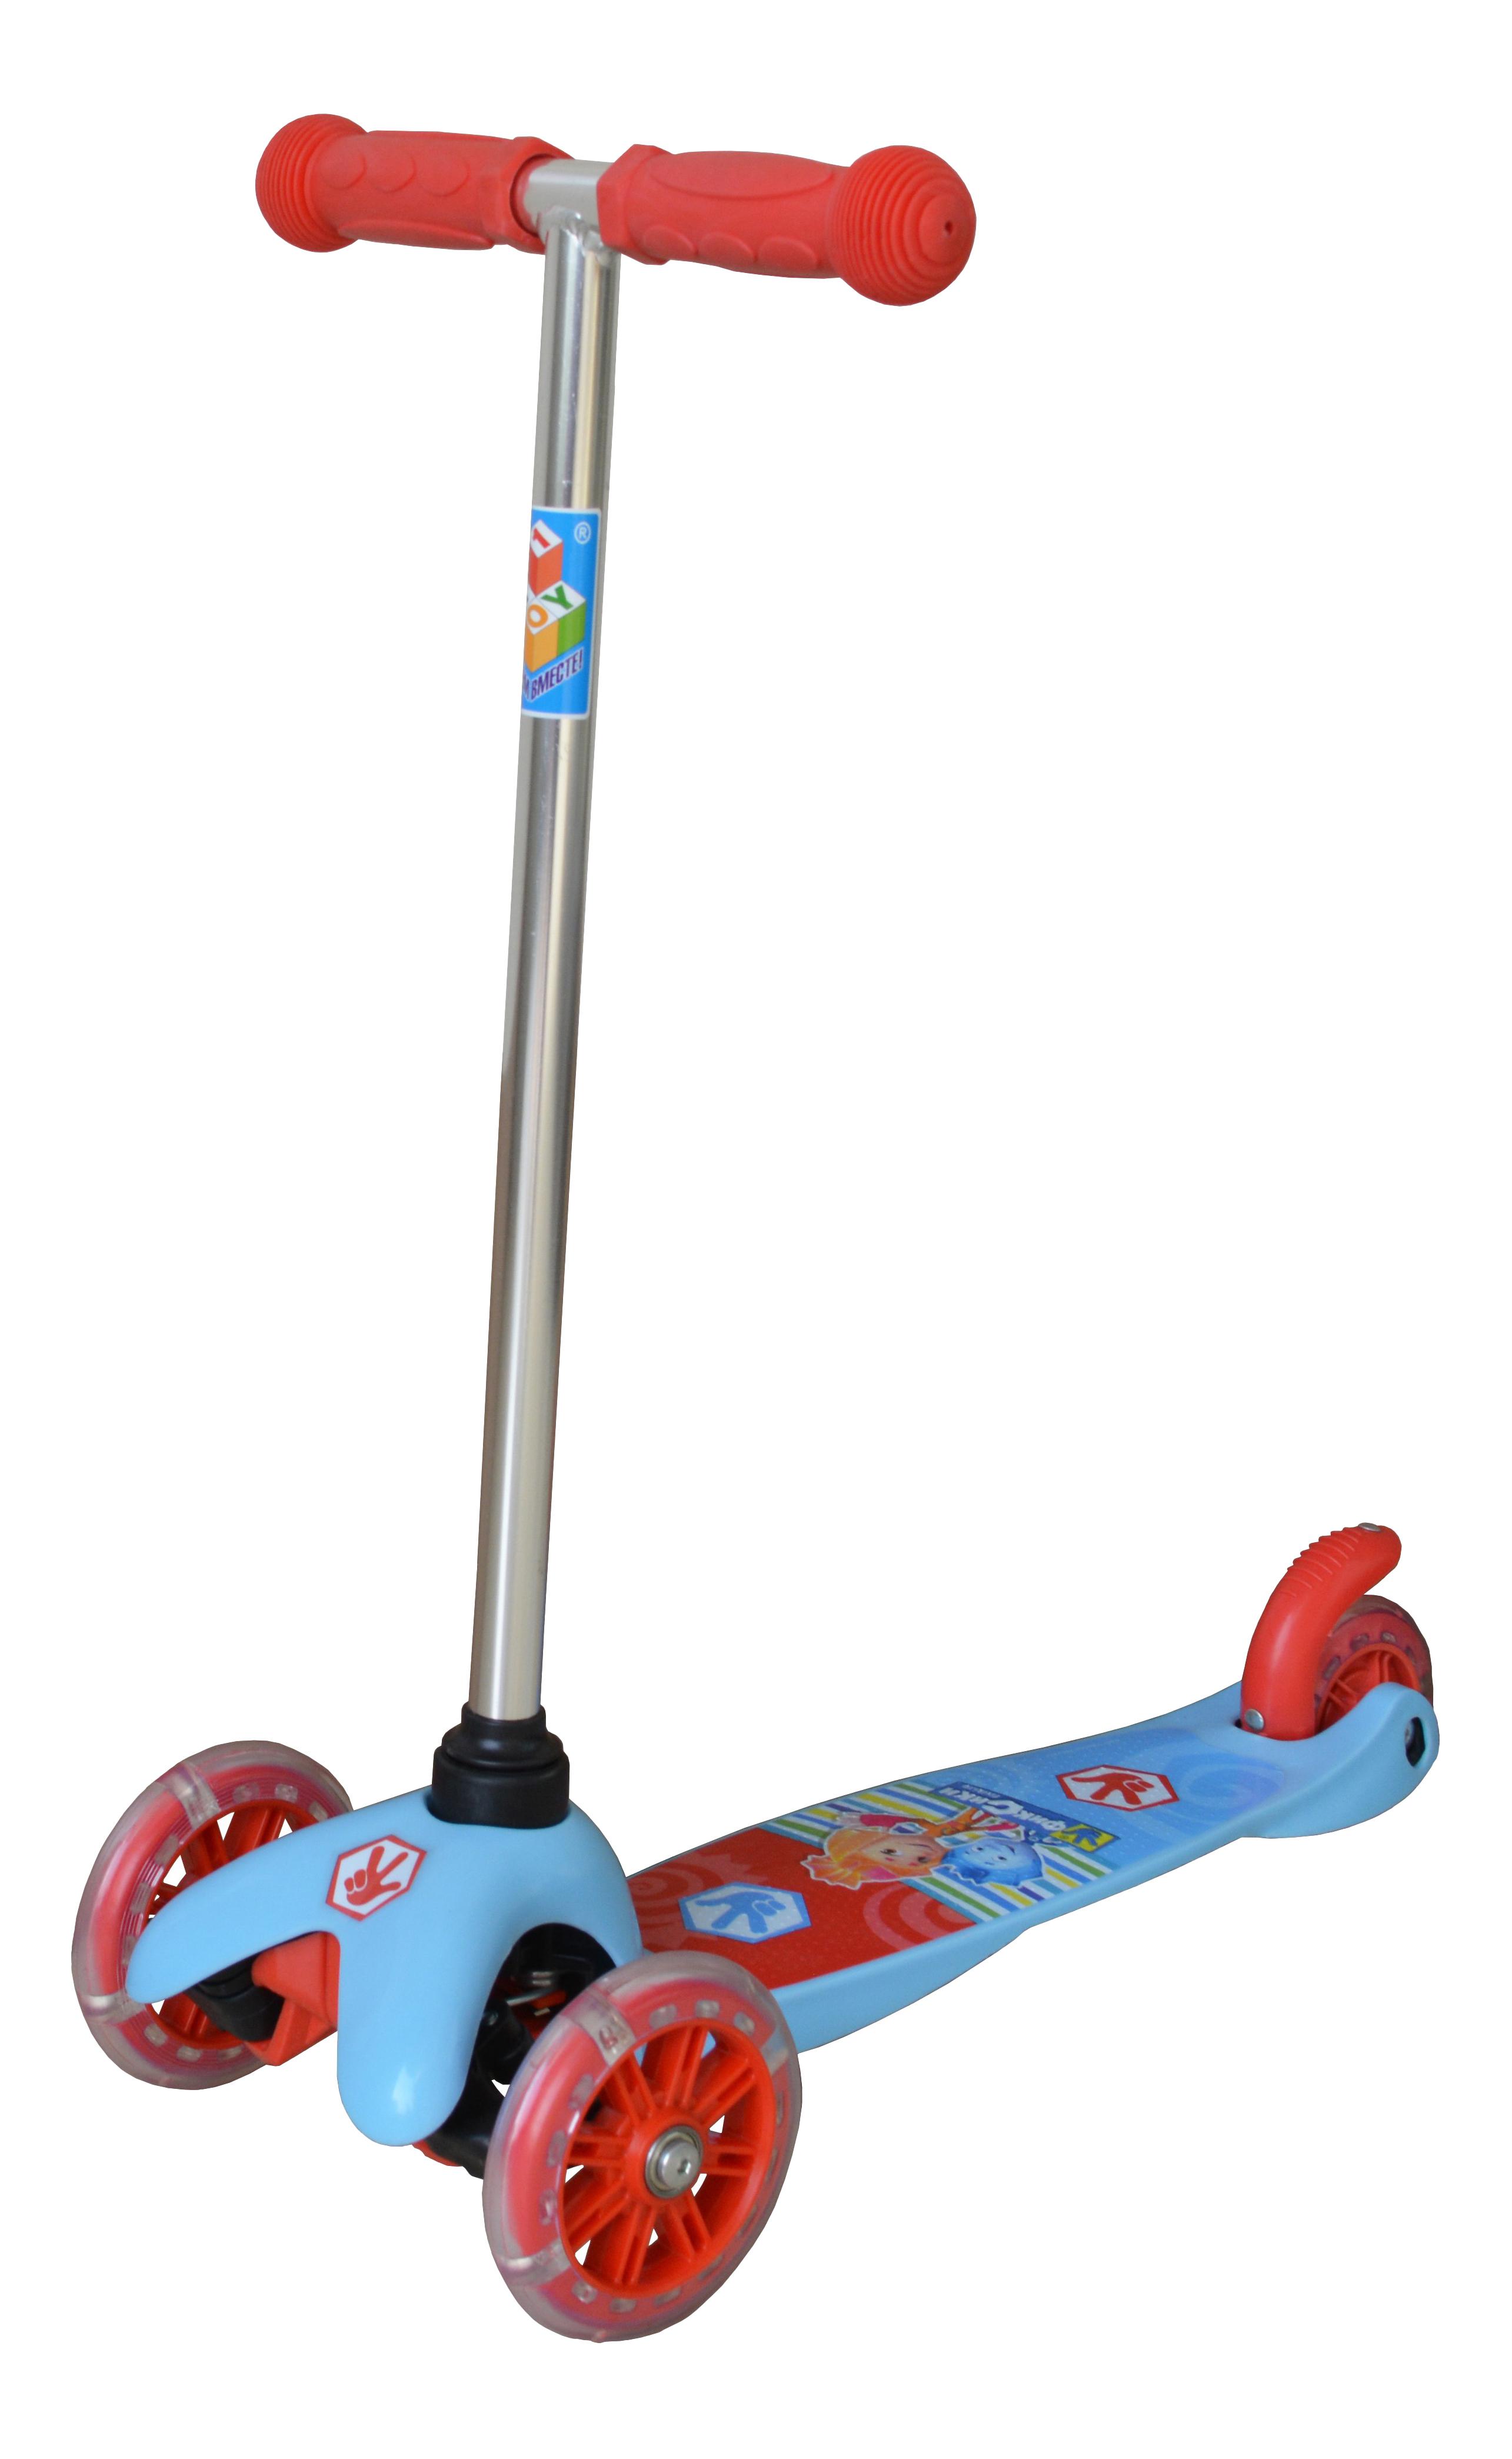 Купить Самокат трехколесный 1 Toy Фиксики Т58463 голубой, Самокаты детские трехколесные